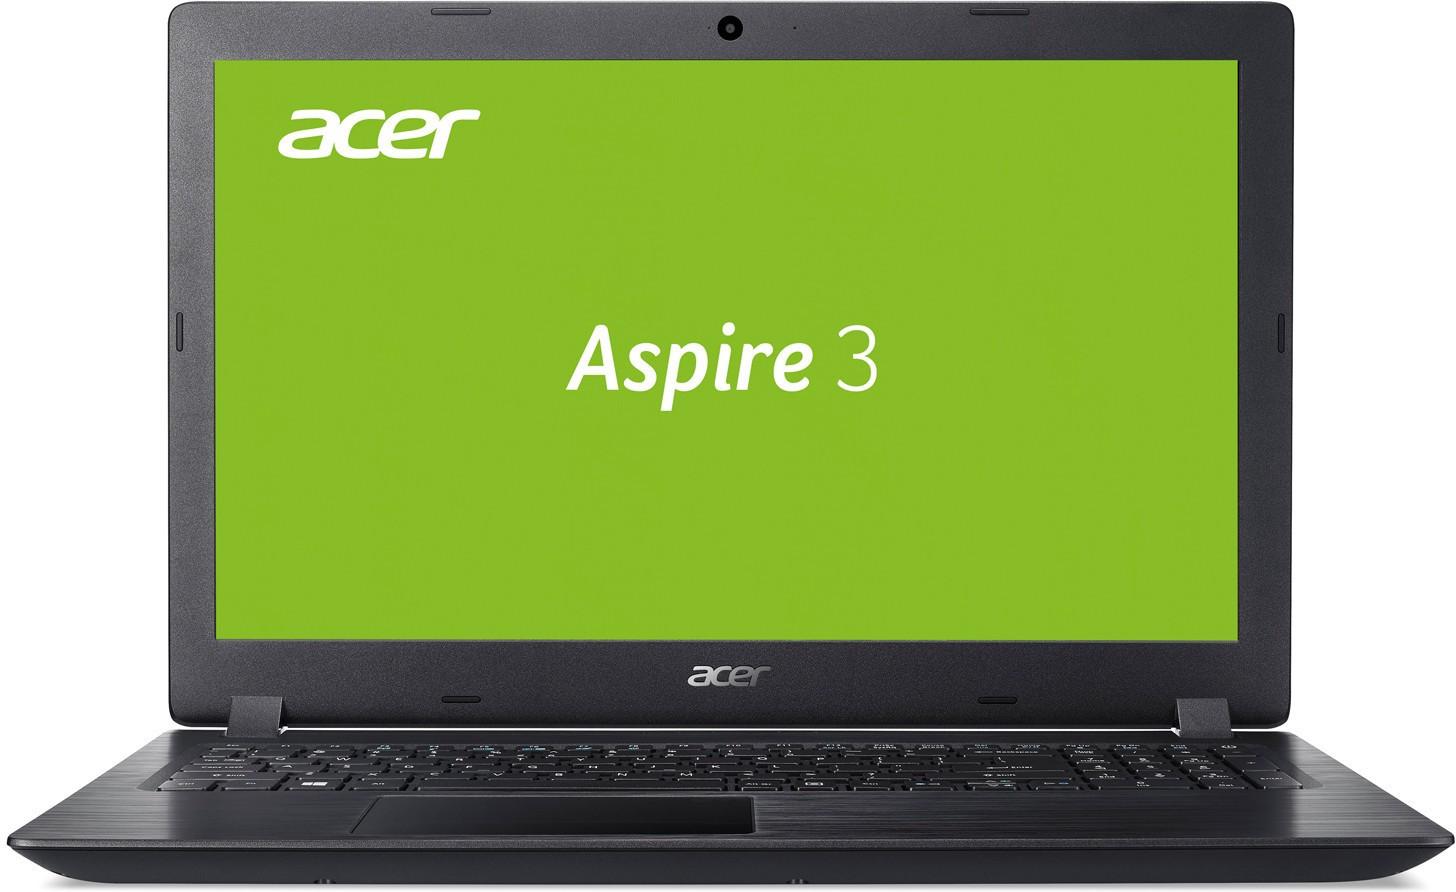 Acer Aspire 3 (A315-41-R9V0)